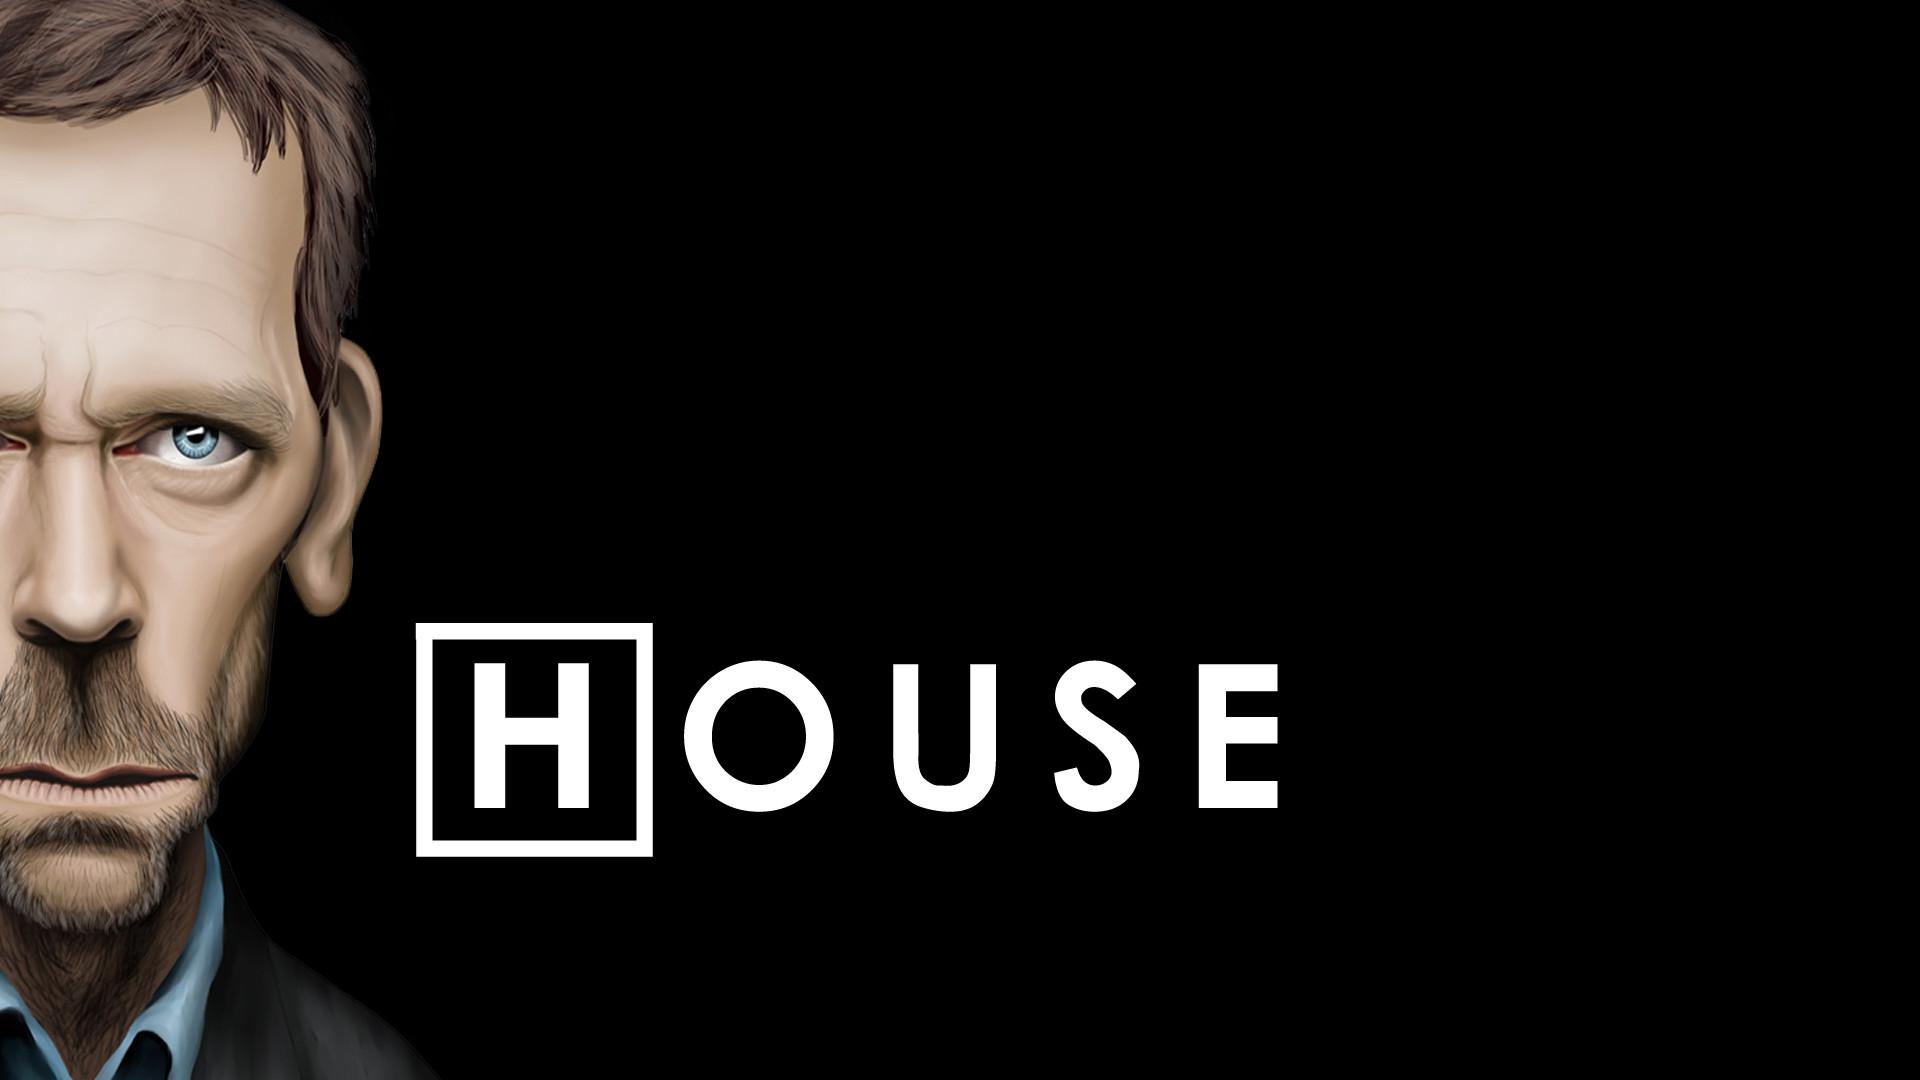 house md wallpaper hd 57 images. Black Bedroom Furniture Sets. Home Design Ideas